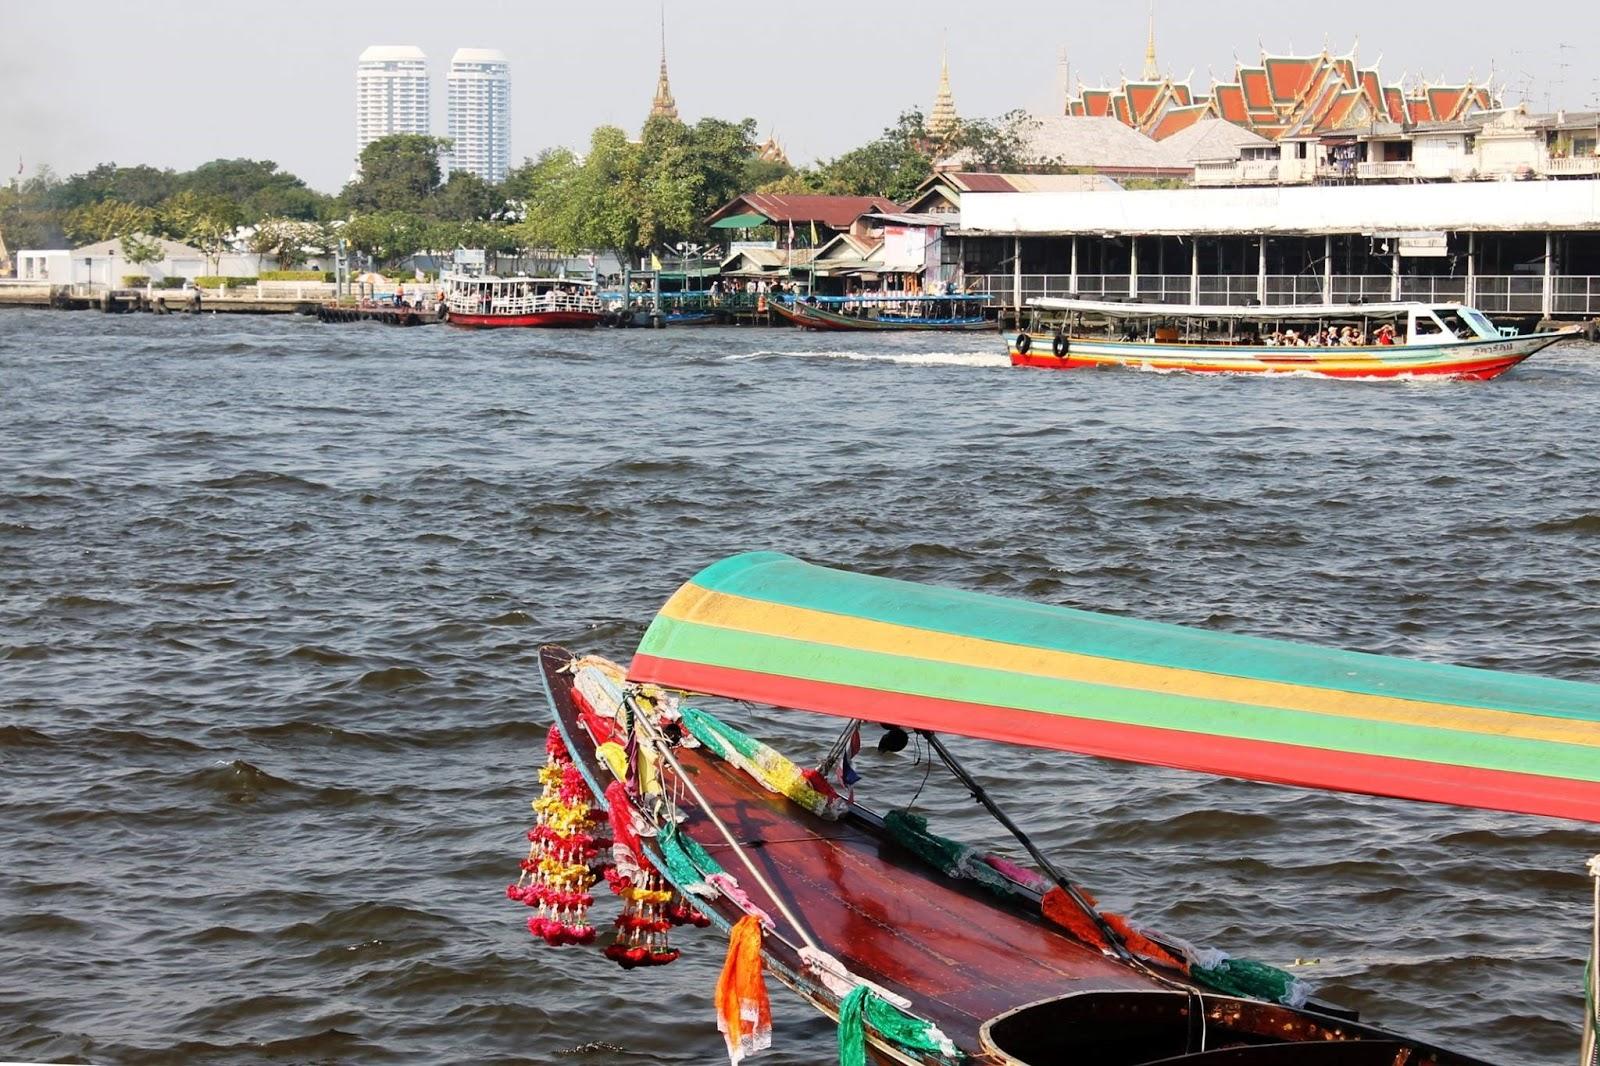 fiume chao phraya bangkok thailandia